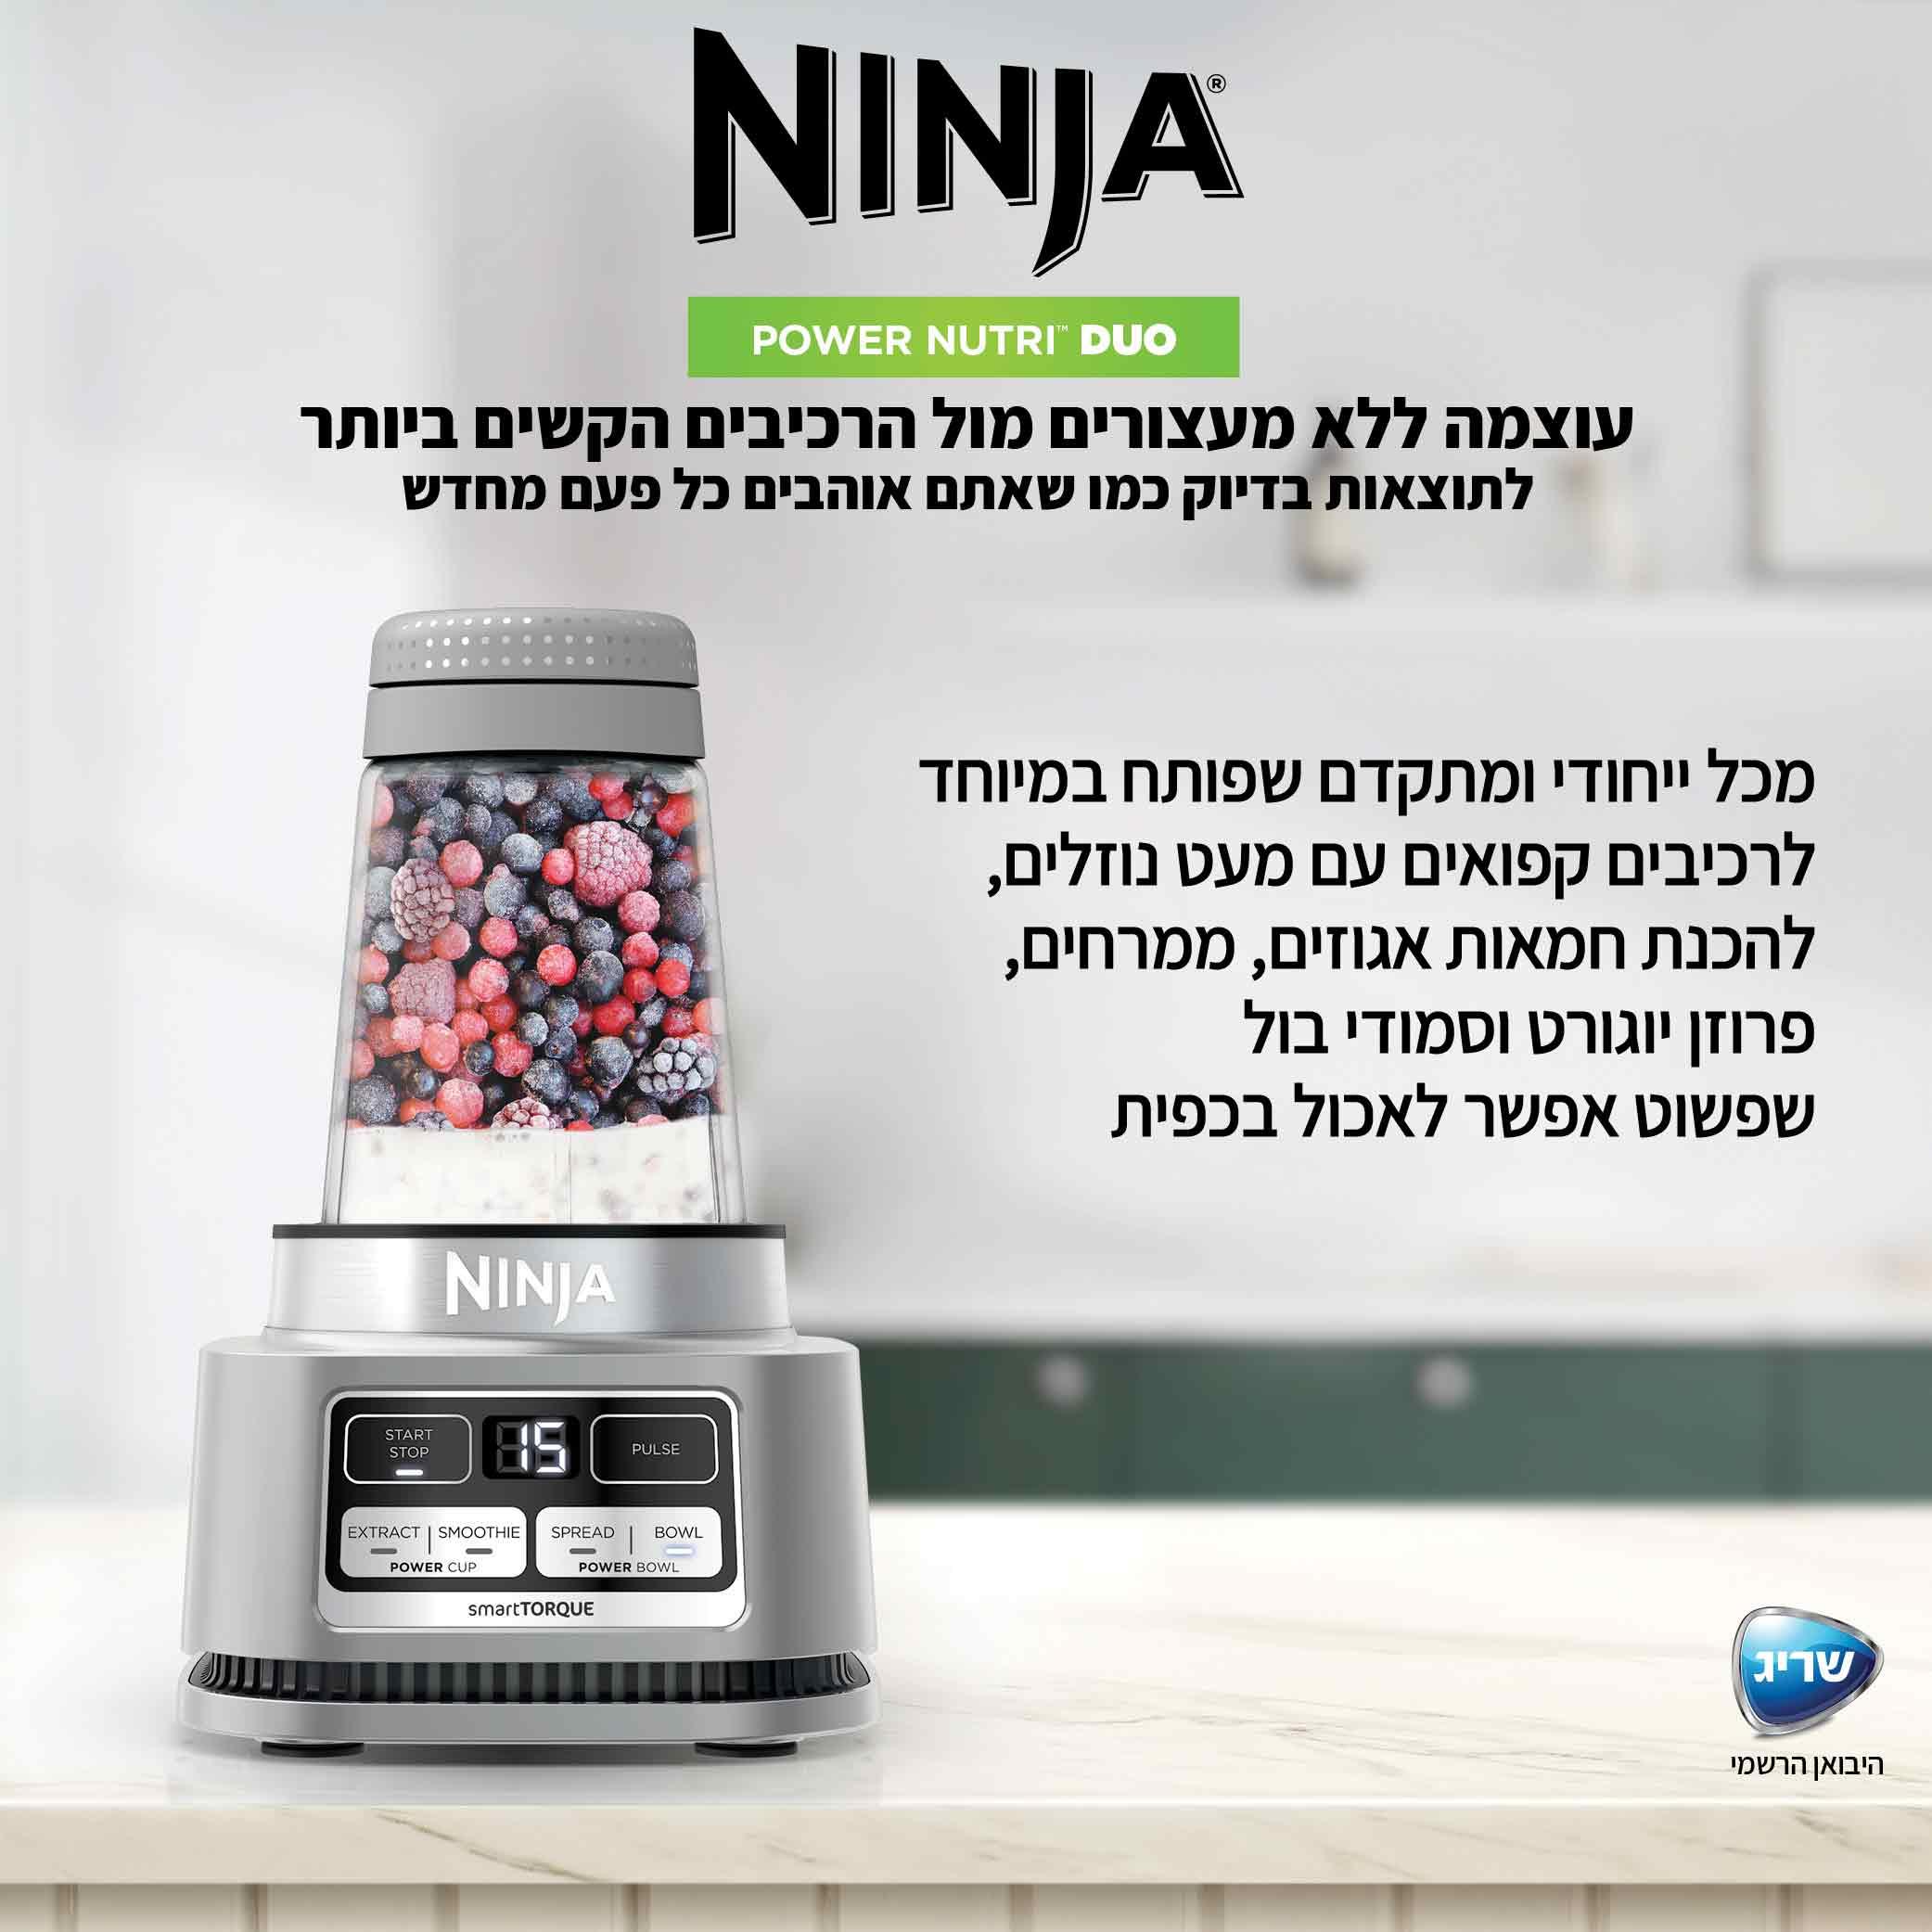 בלנדר מקצועי דגם NINJA POWER NUTRI DUO CB103 נינג'ה - תמונה 6